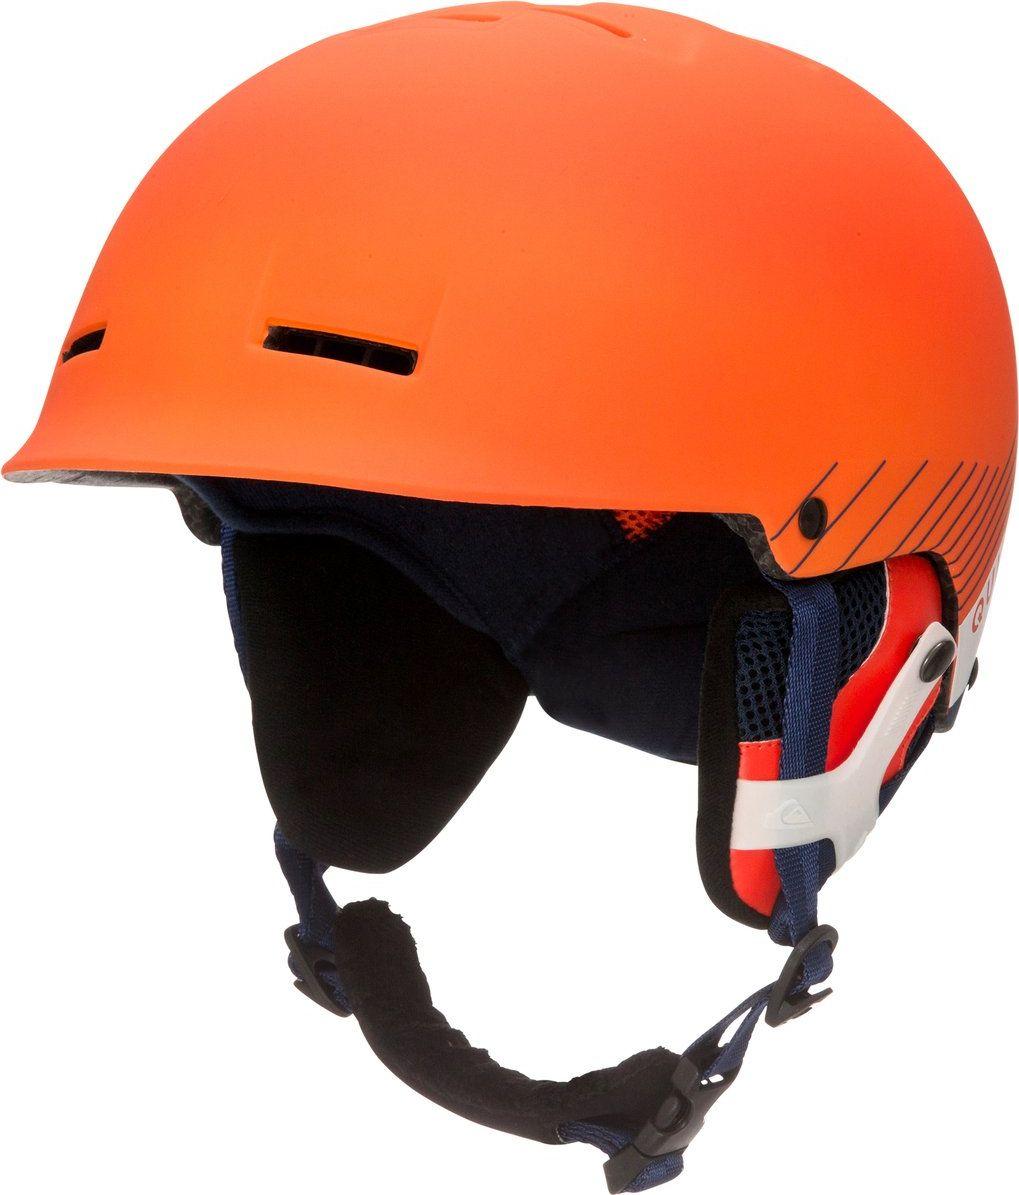 Сноубордический шлем Quiksilver  Fusion , цвет: оранжевый. Размер 58/60 - Горные лыжи